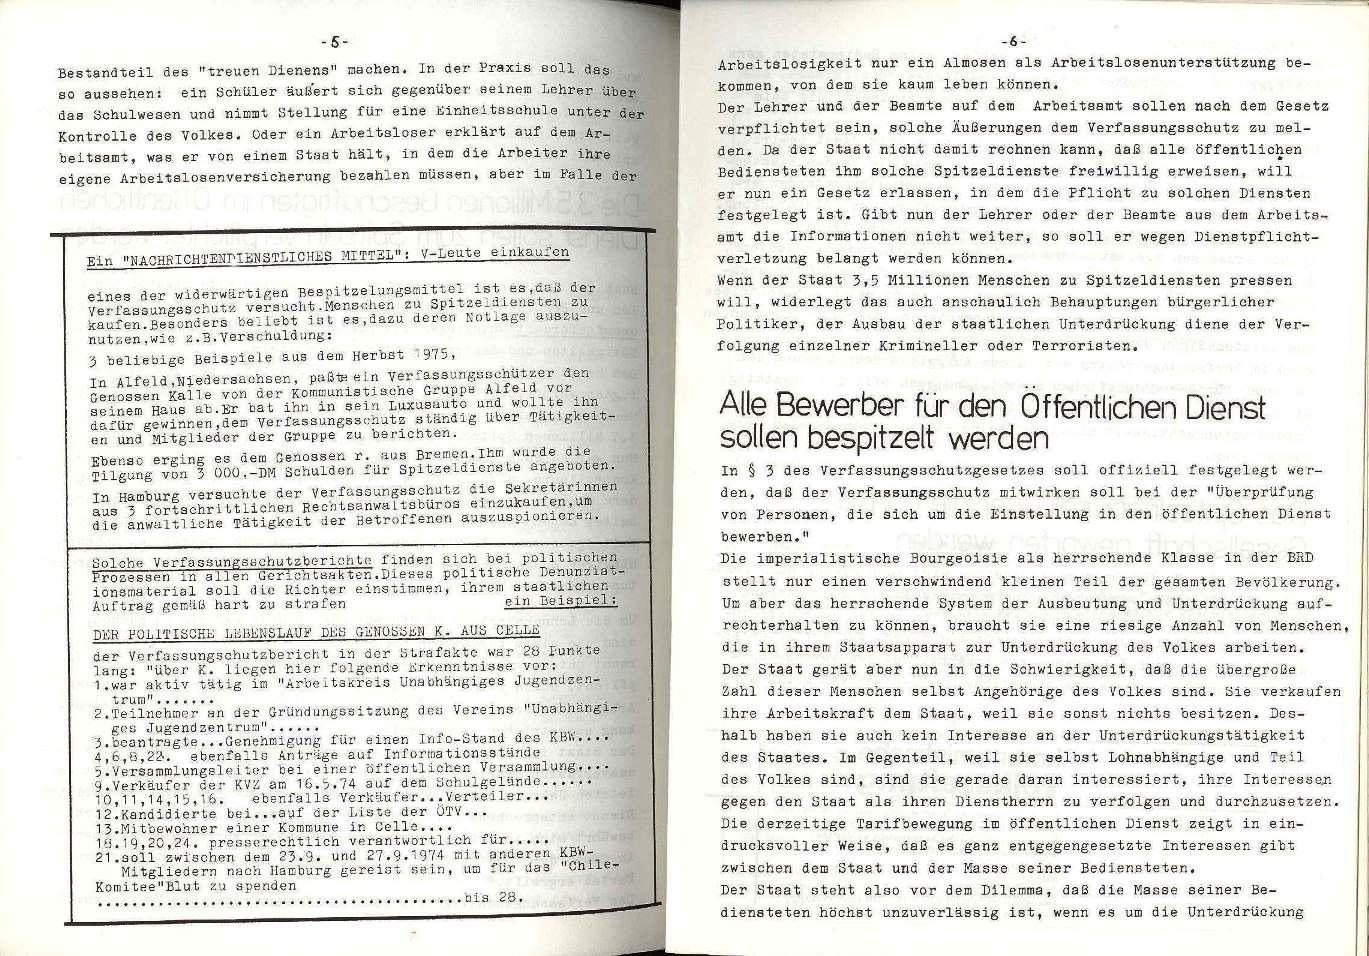 Hannover_Verfassungsschutzgesetz015